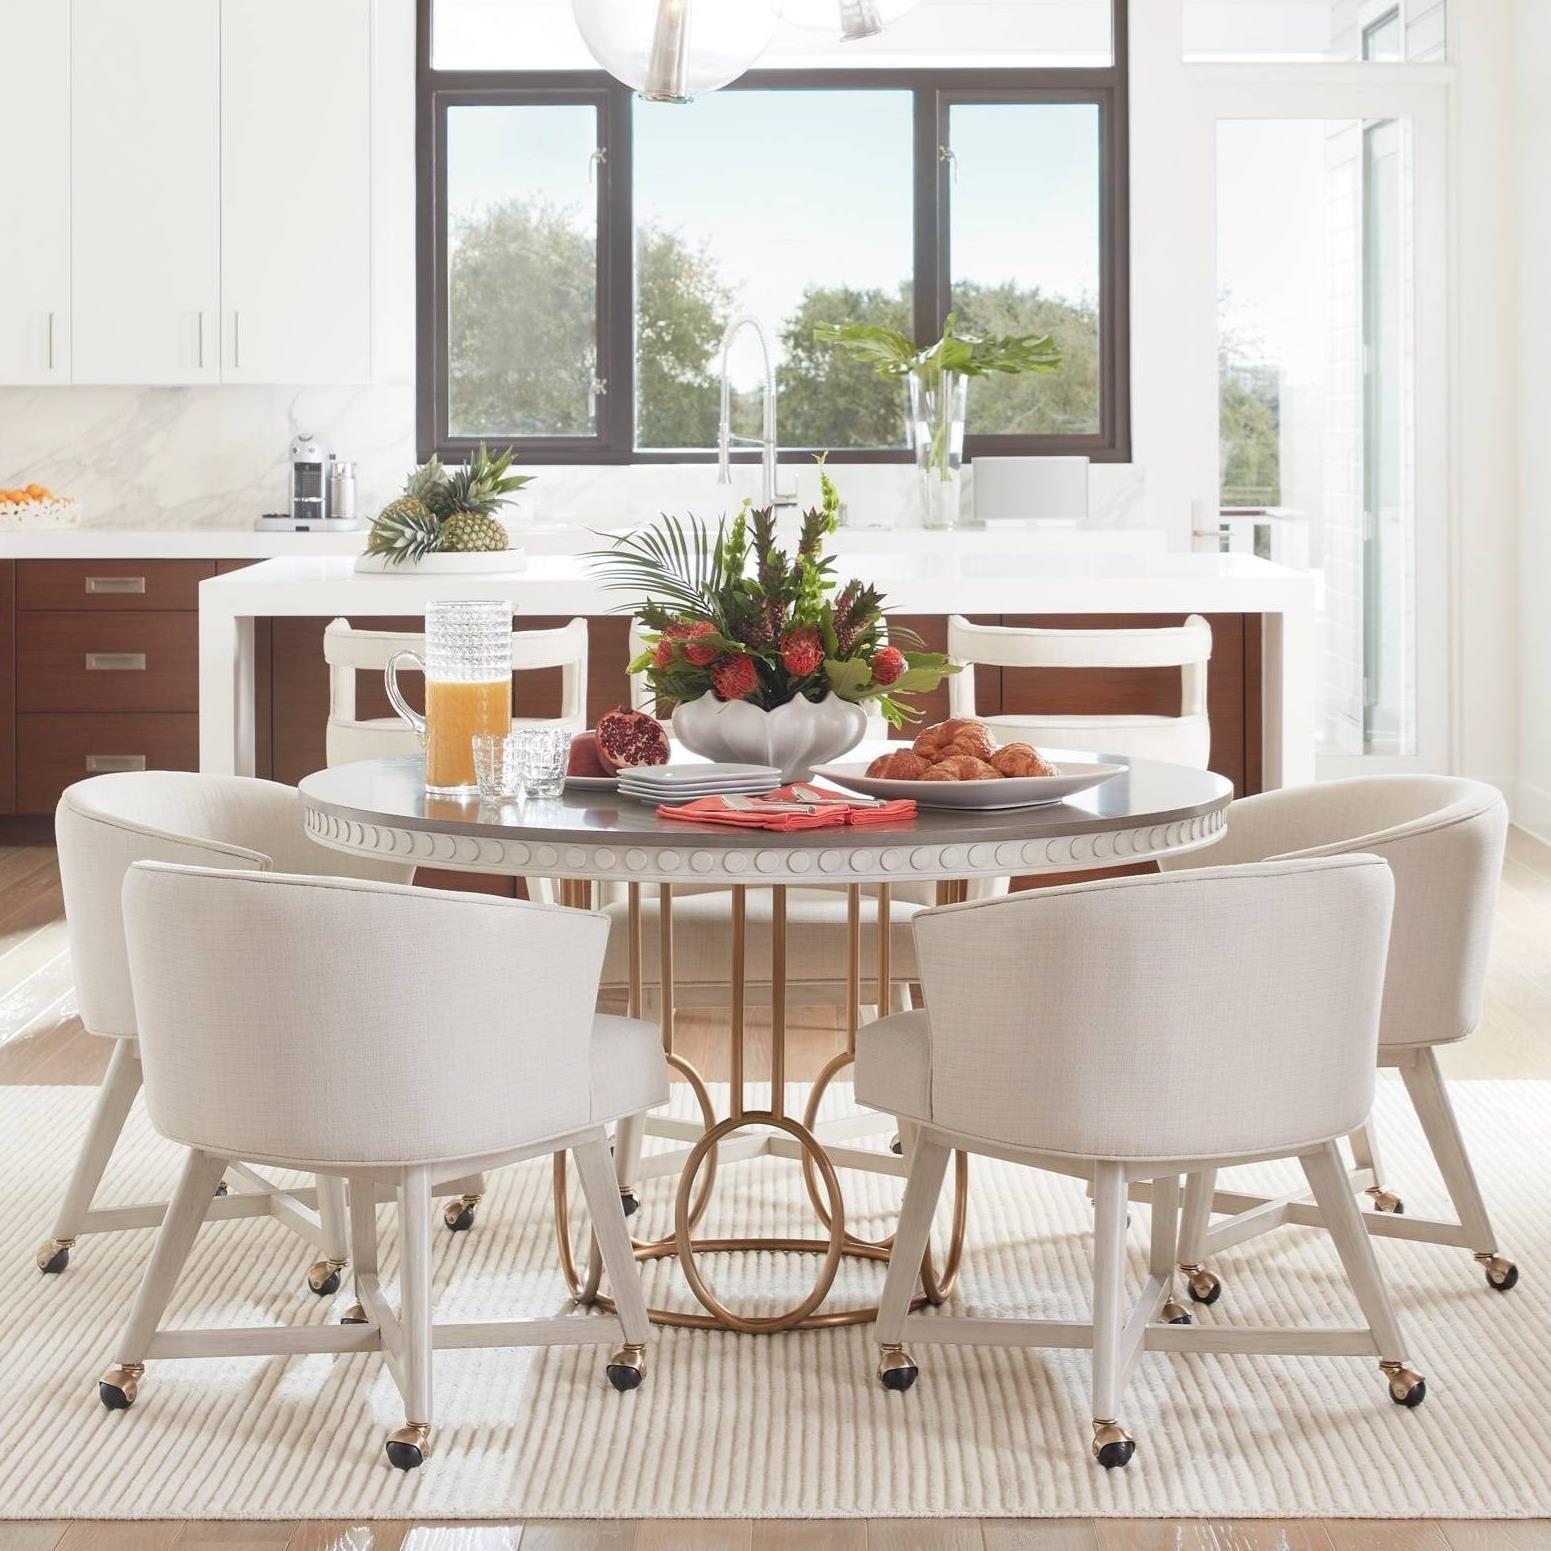 stanley furniture coastal living oasis 5 piece venice. Black Bedroom Furniture Sets. Home Design Ideas